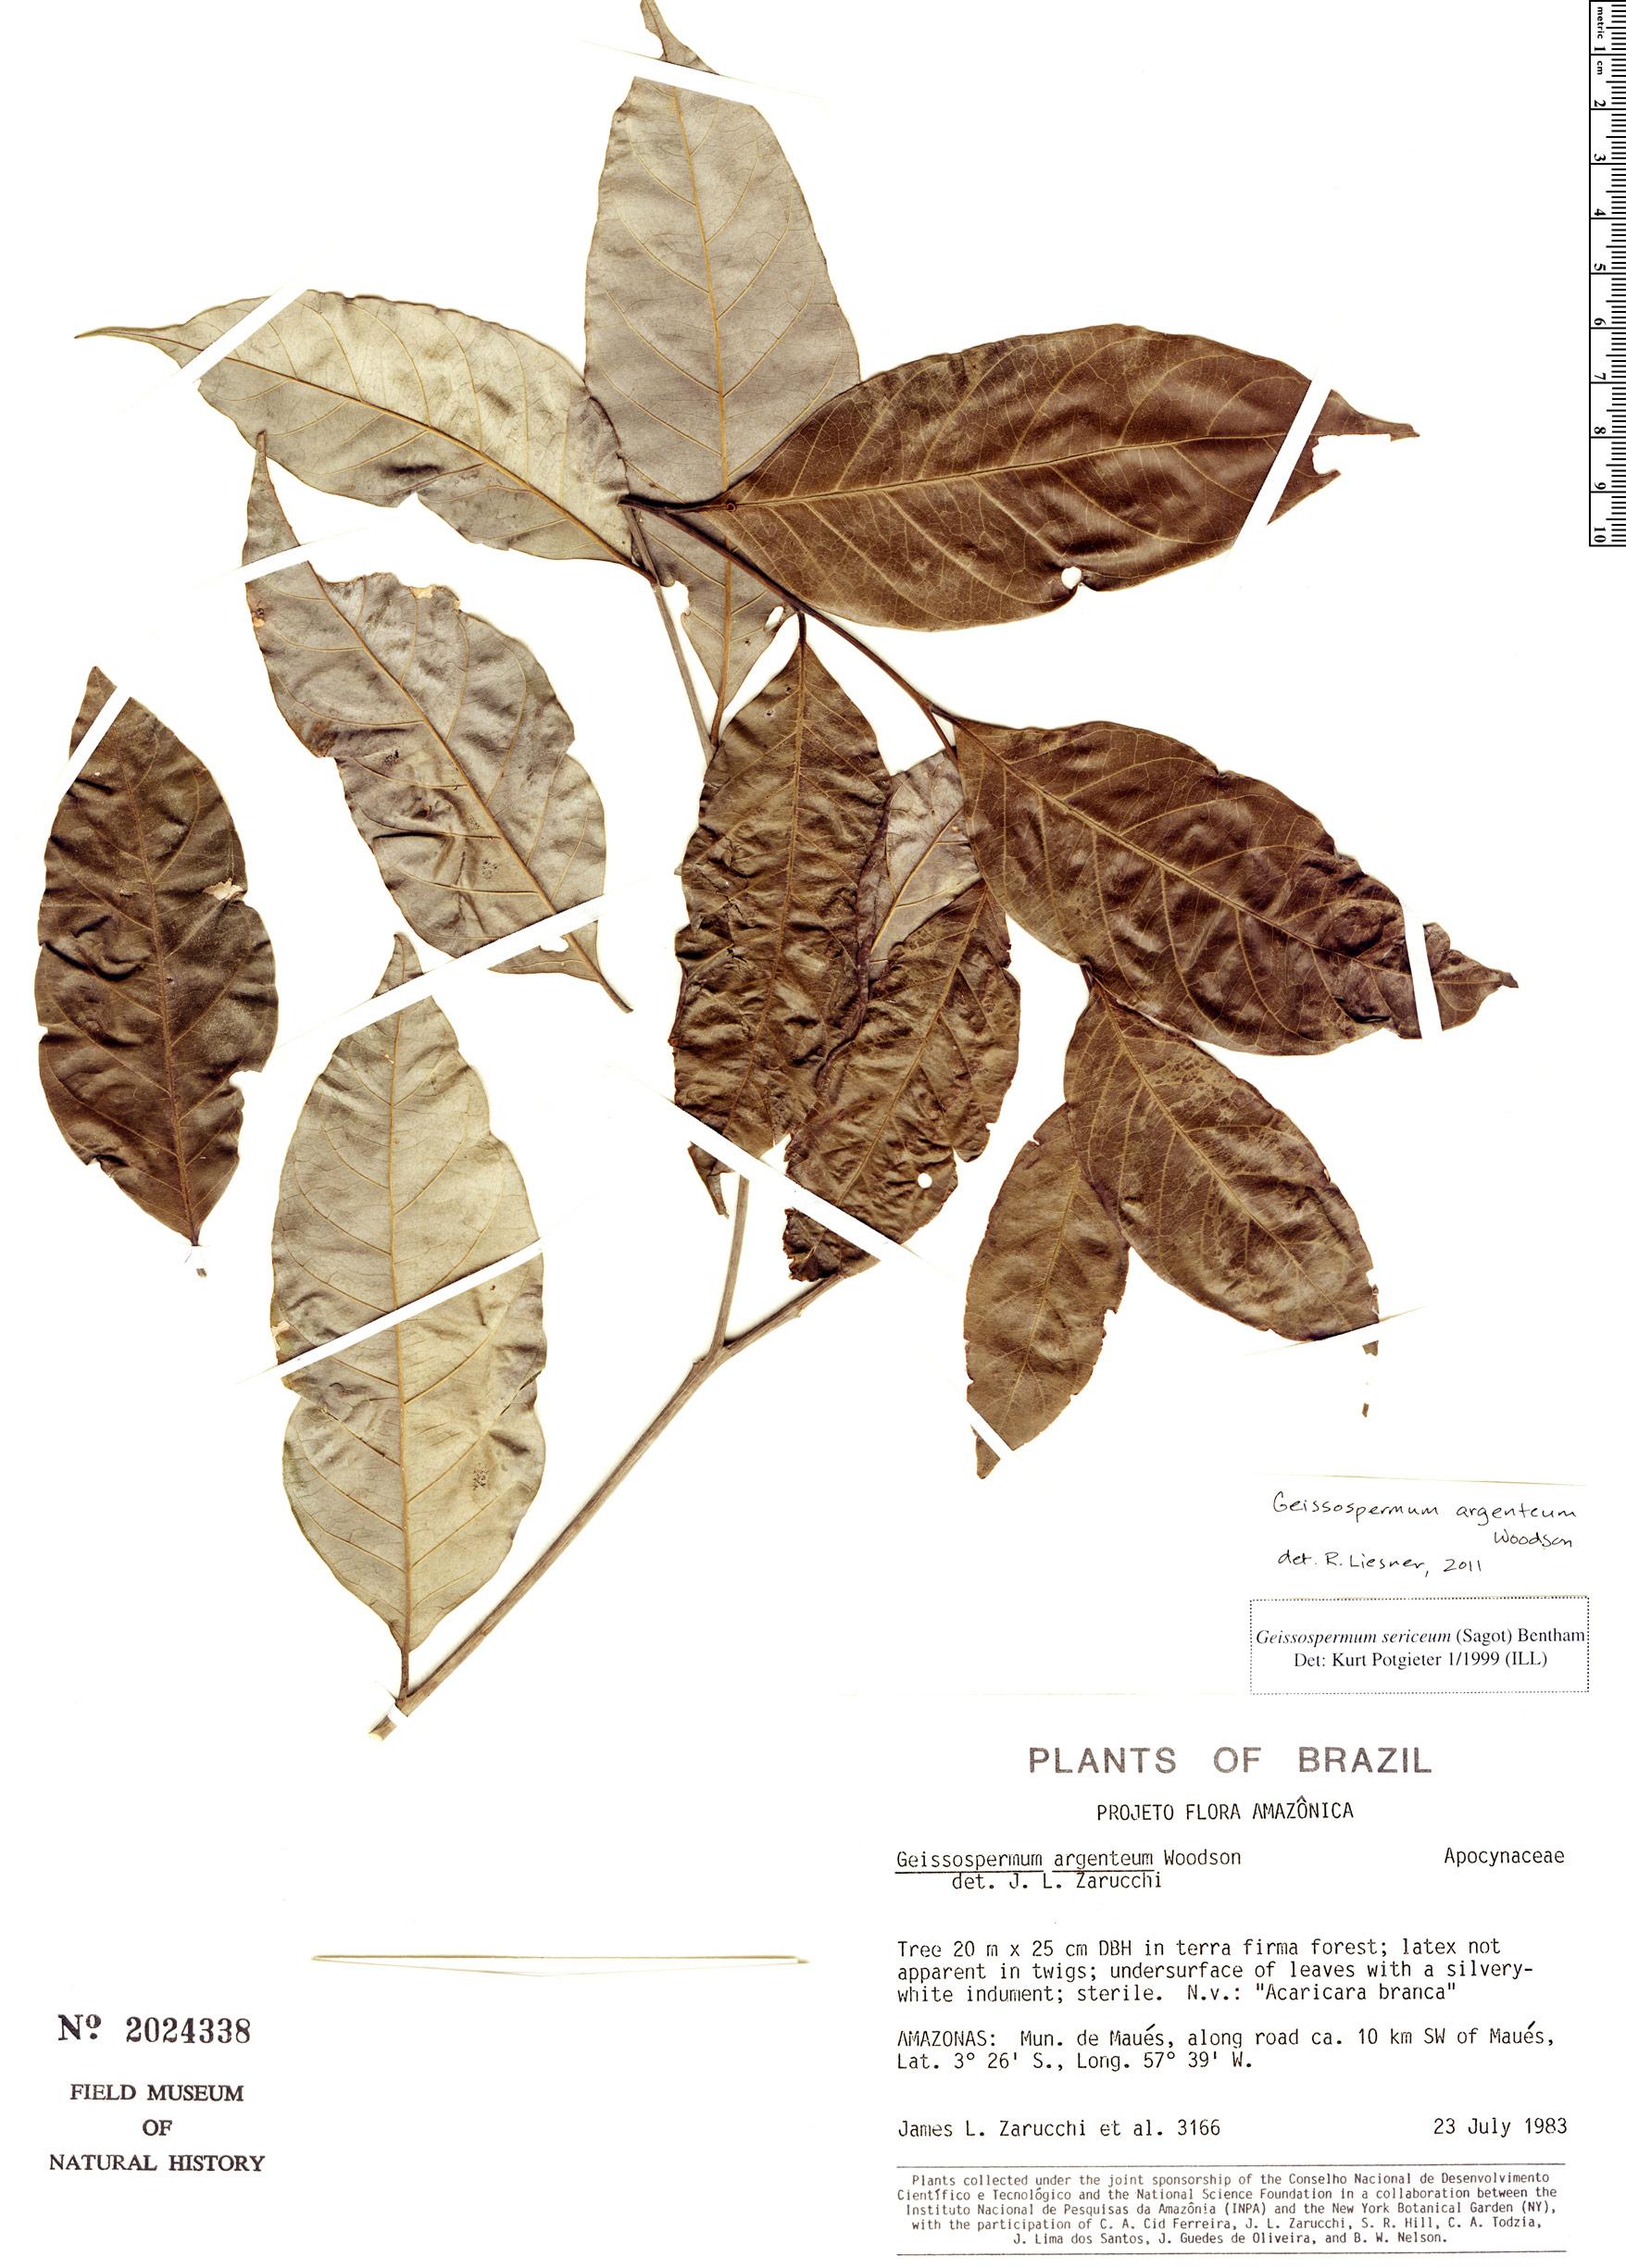 Specimen: Geissospermum argenteum